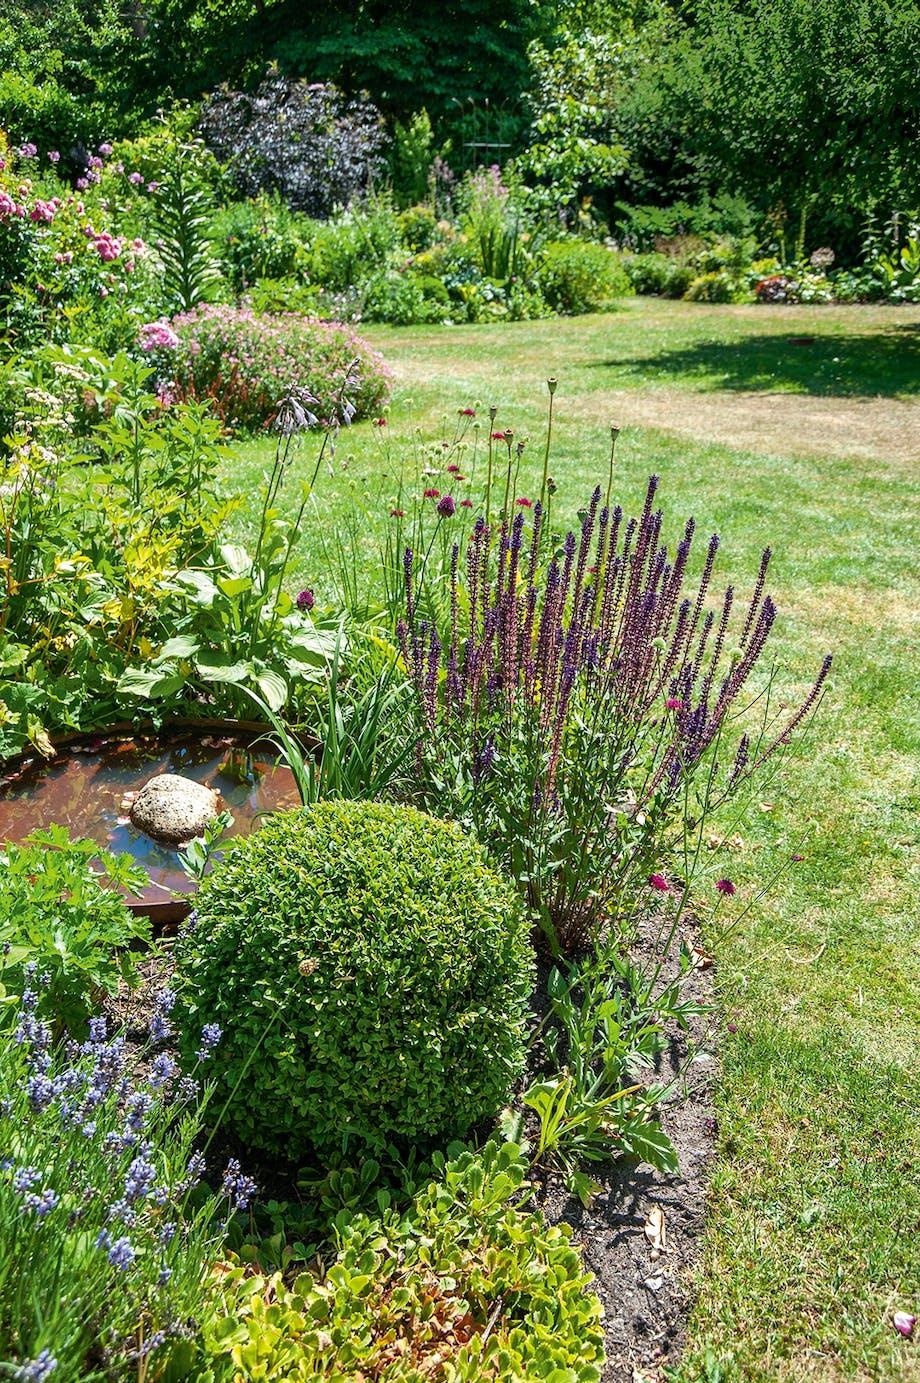 spejlbassin fugle buksbonhække lavendel have